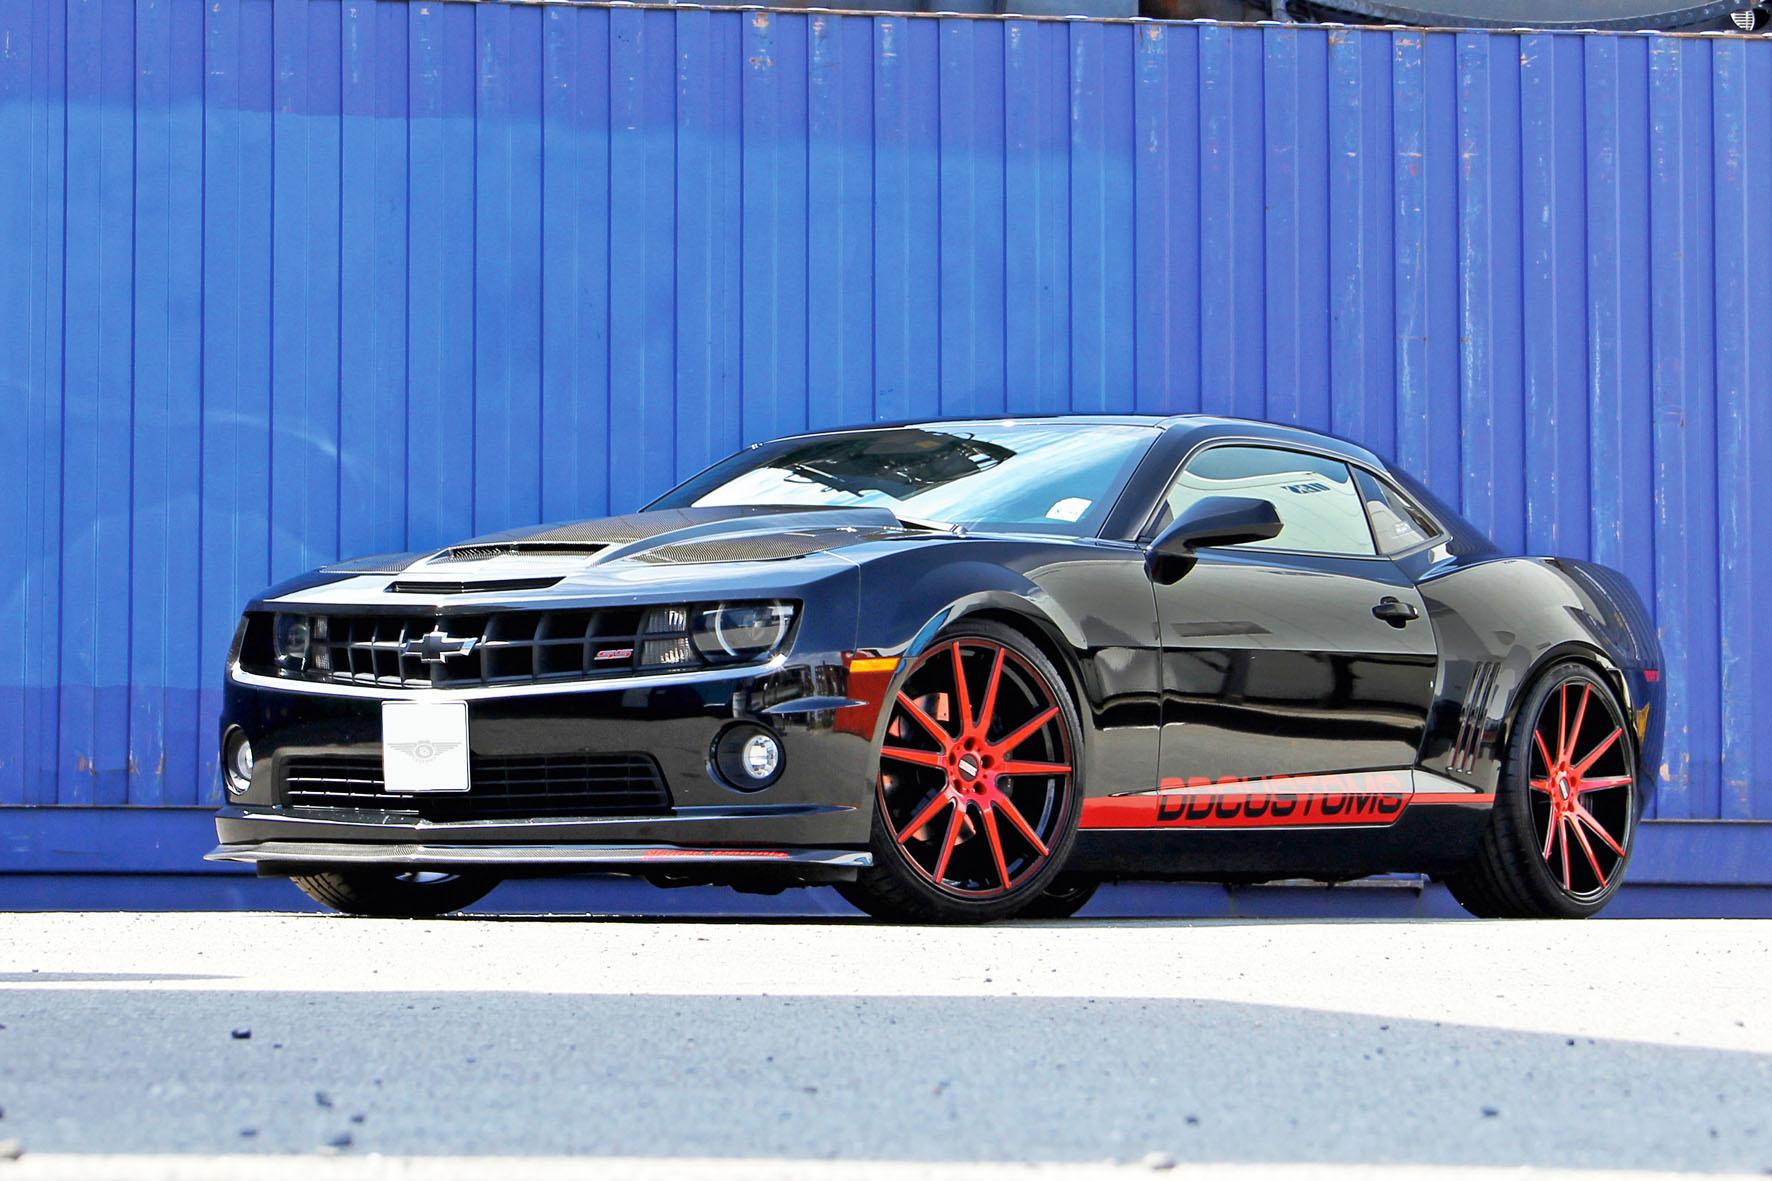 Camaro SS von DD Customs mit über 470 PS in schwarz mit roten Felgen